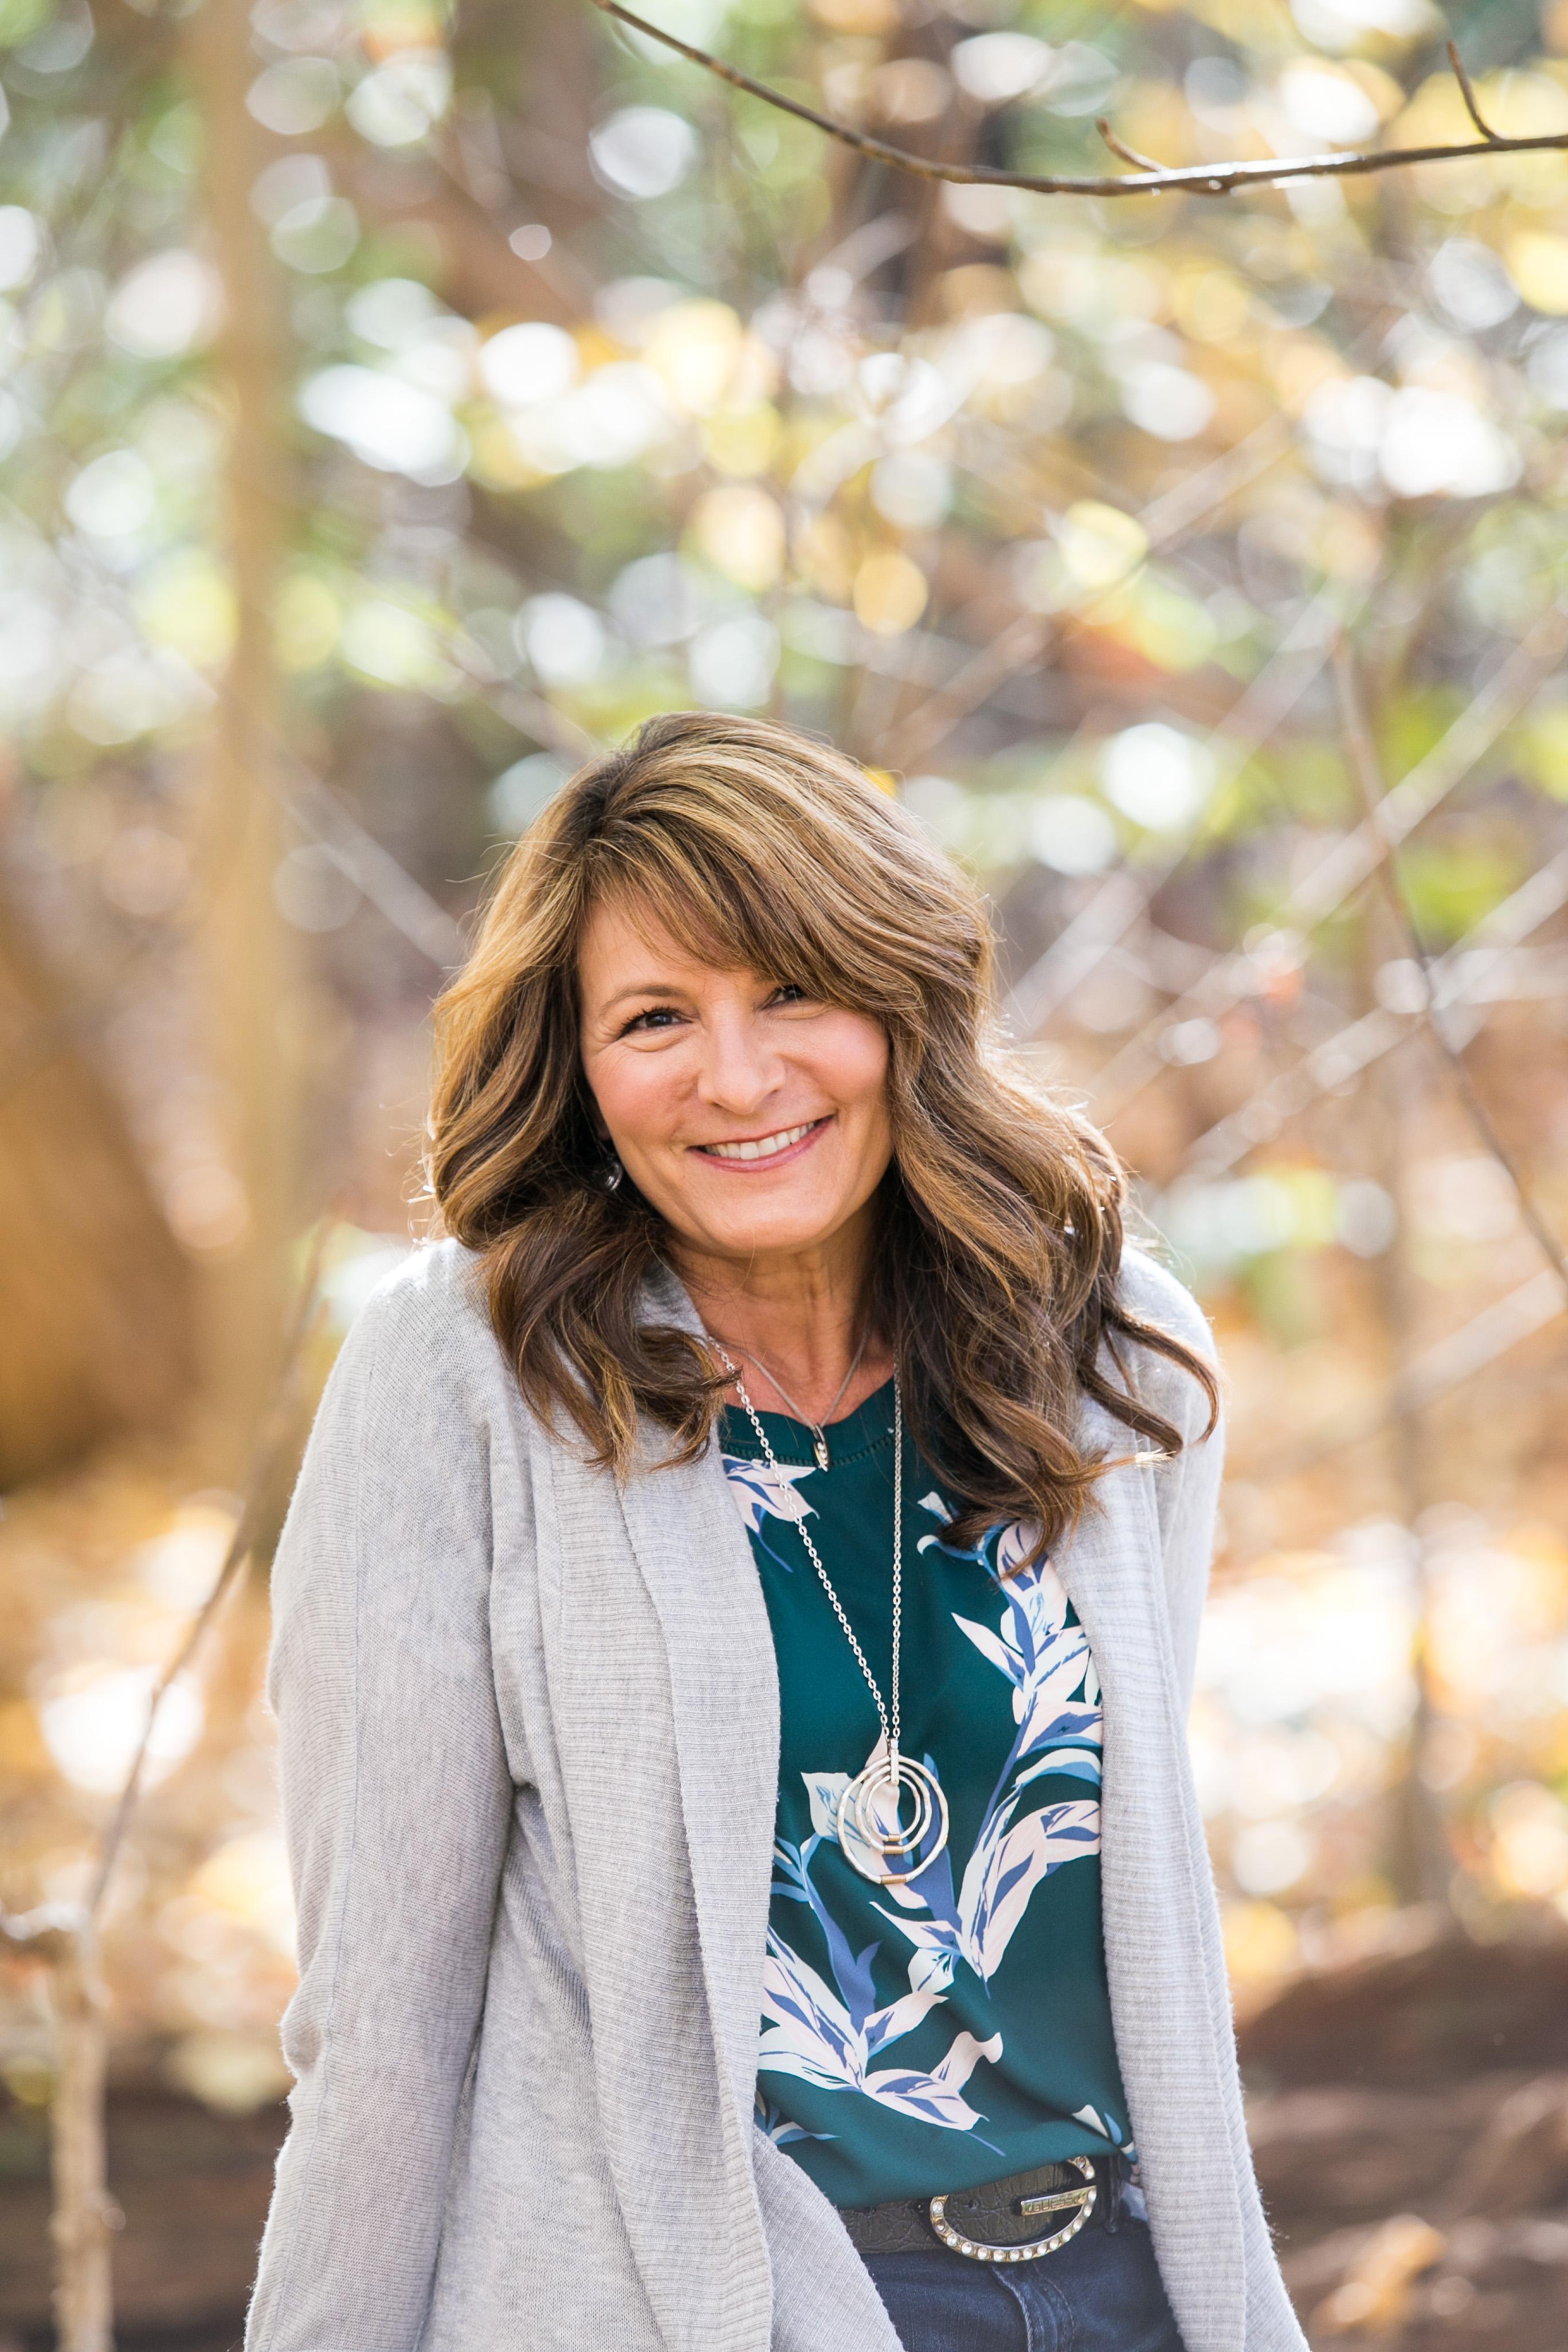 Michelle Groff